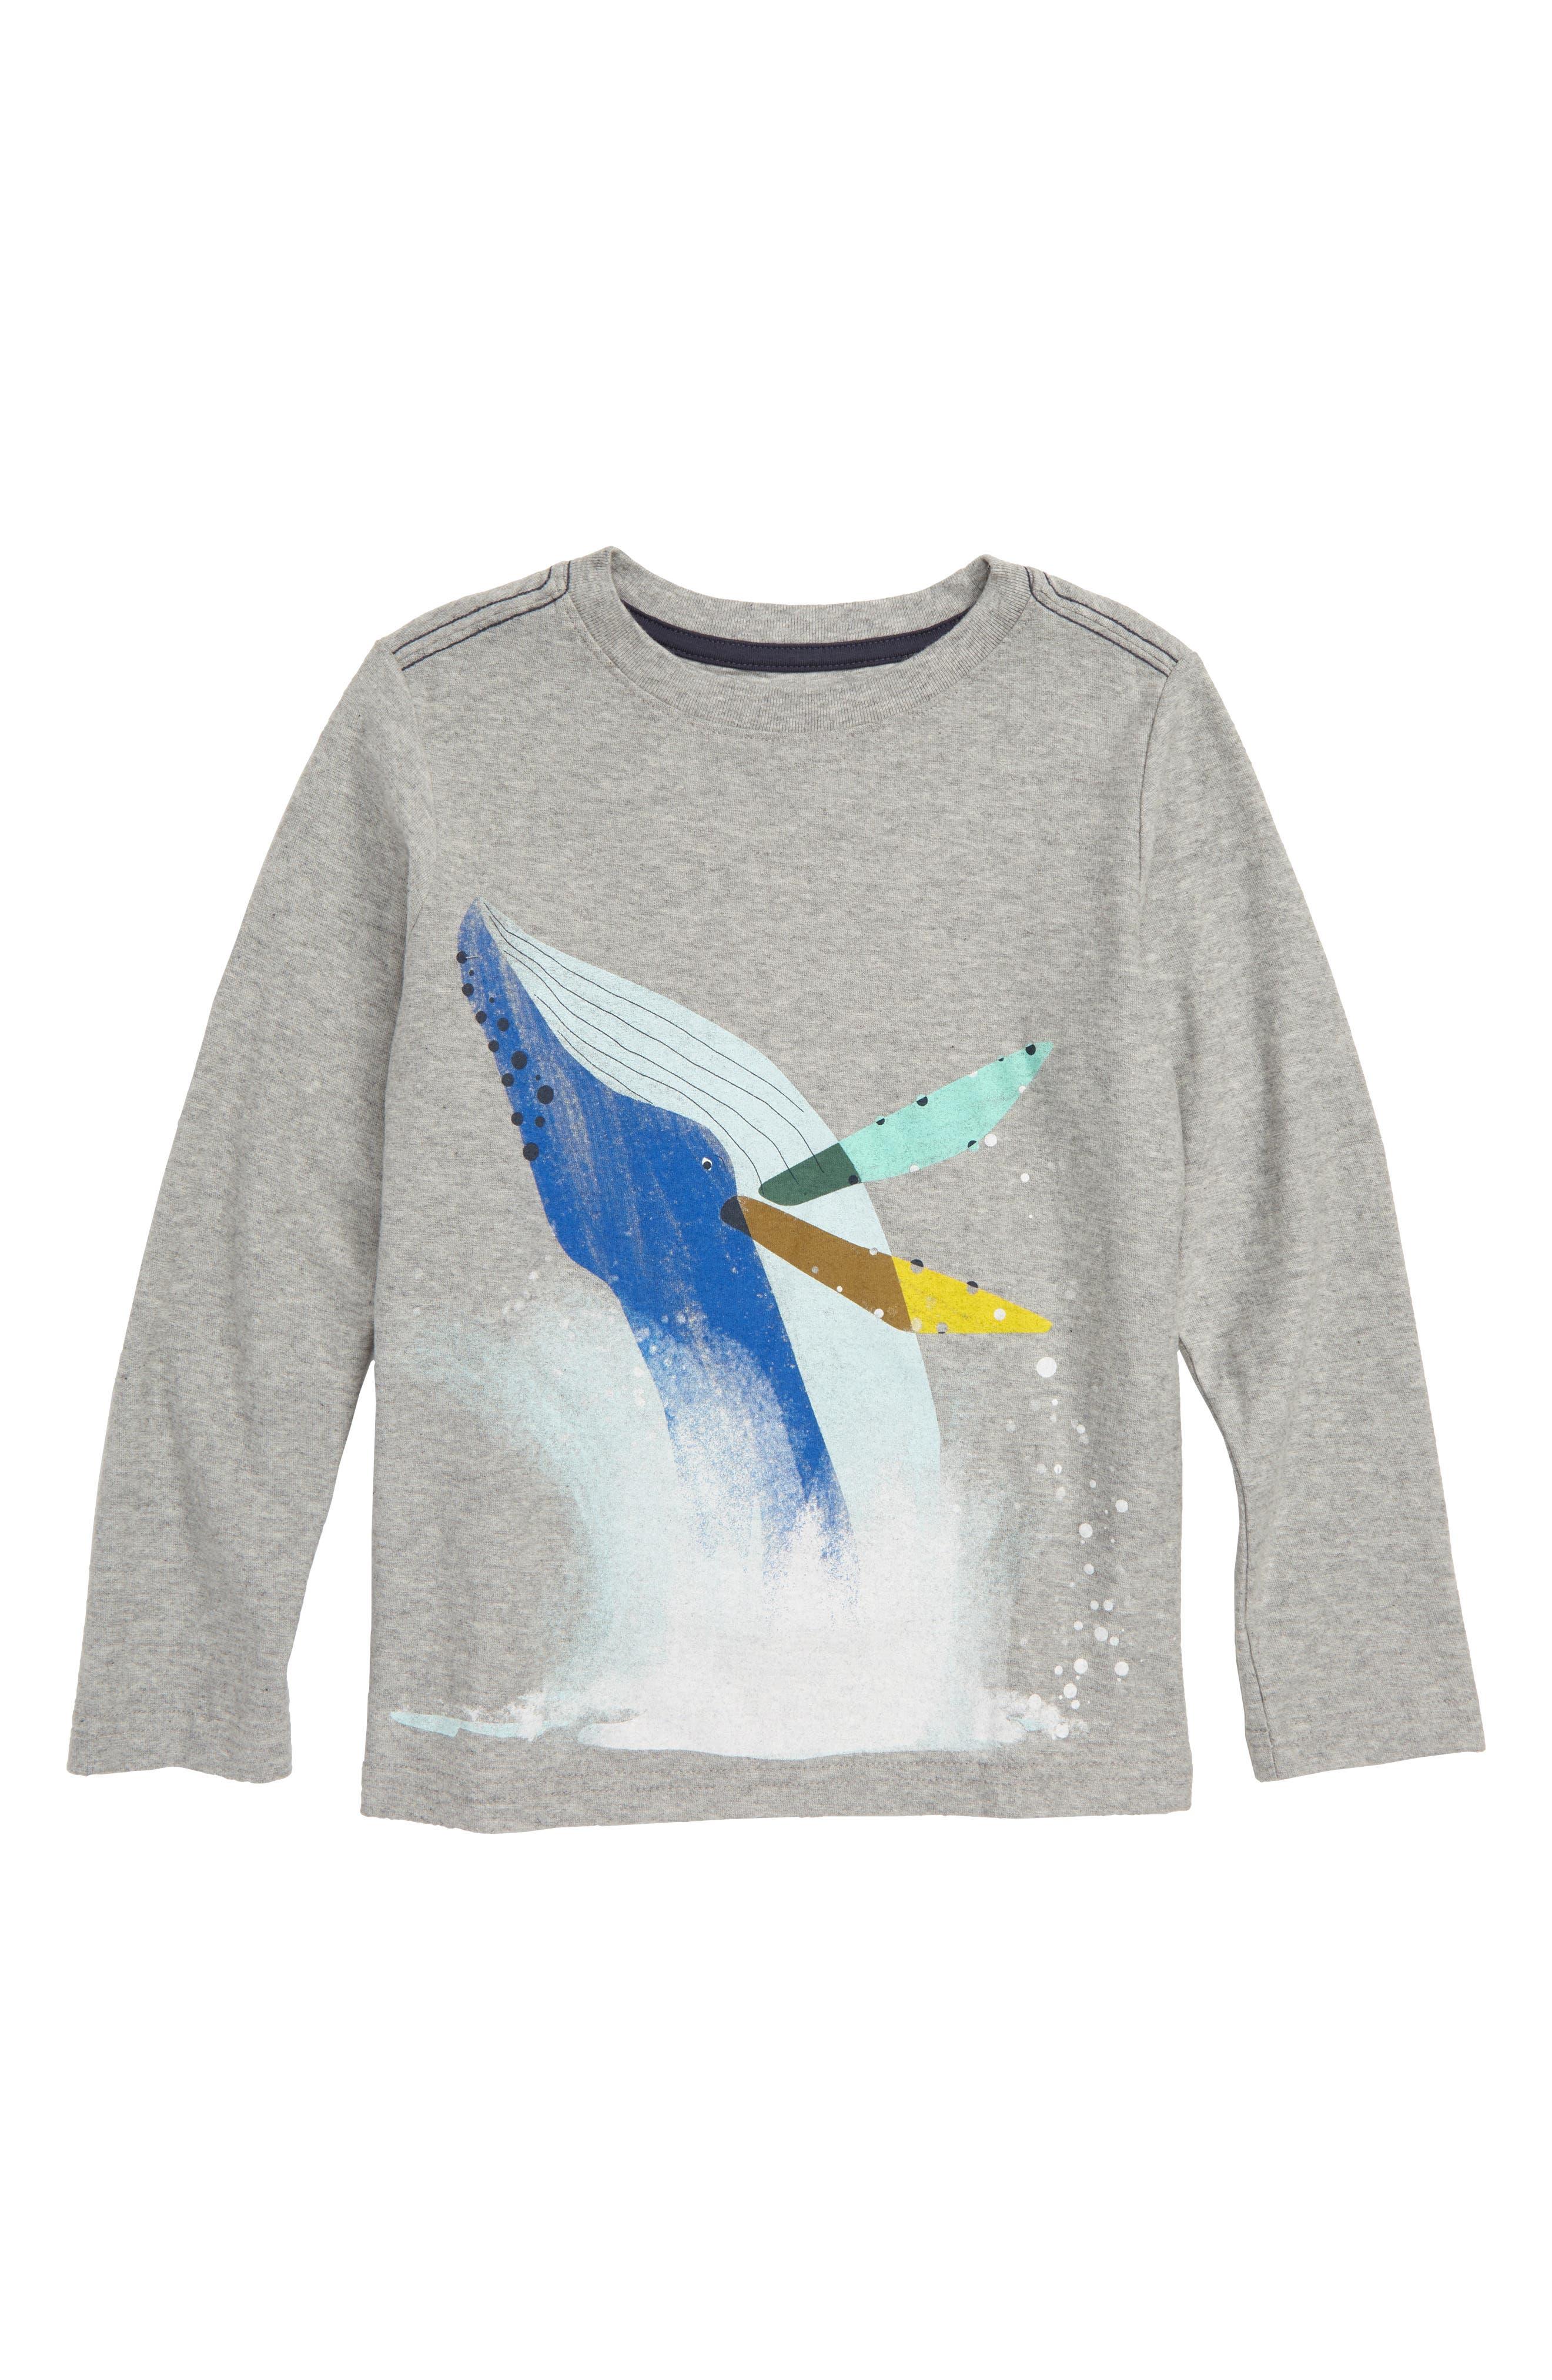 Whale Splash Graphic T-Shirt,                             Main thumbnail 1, color,                             035